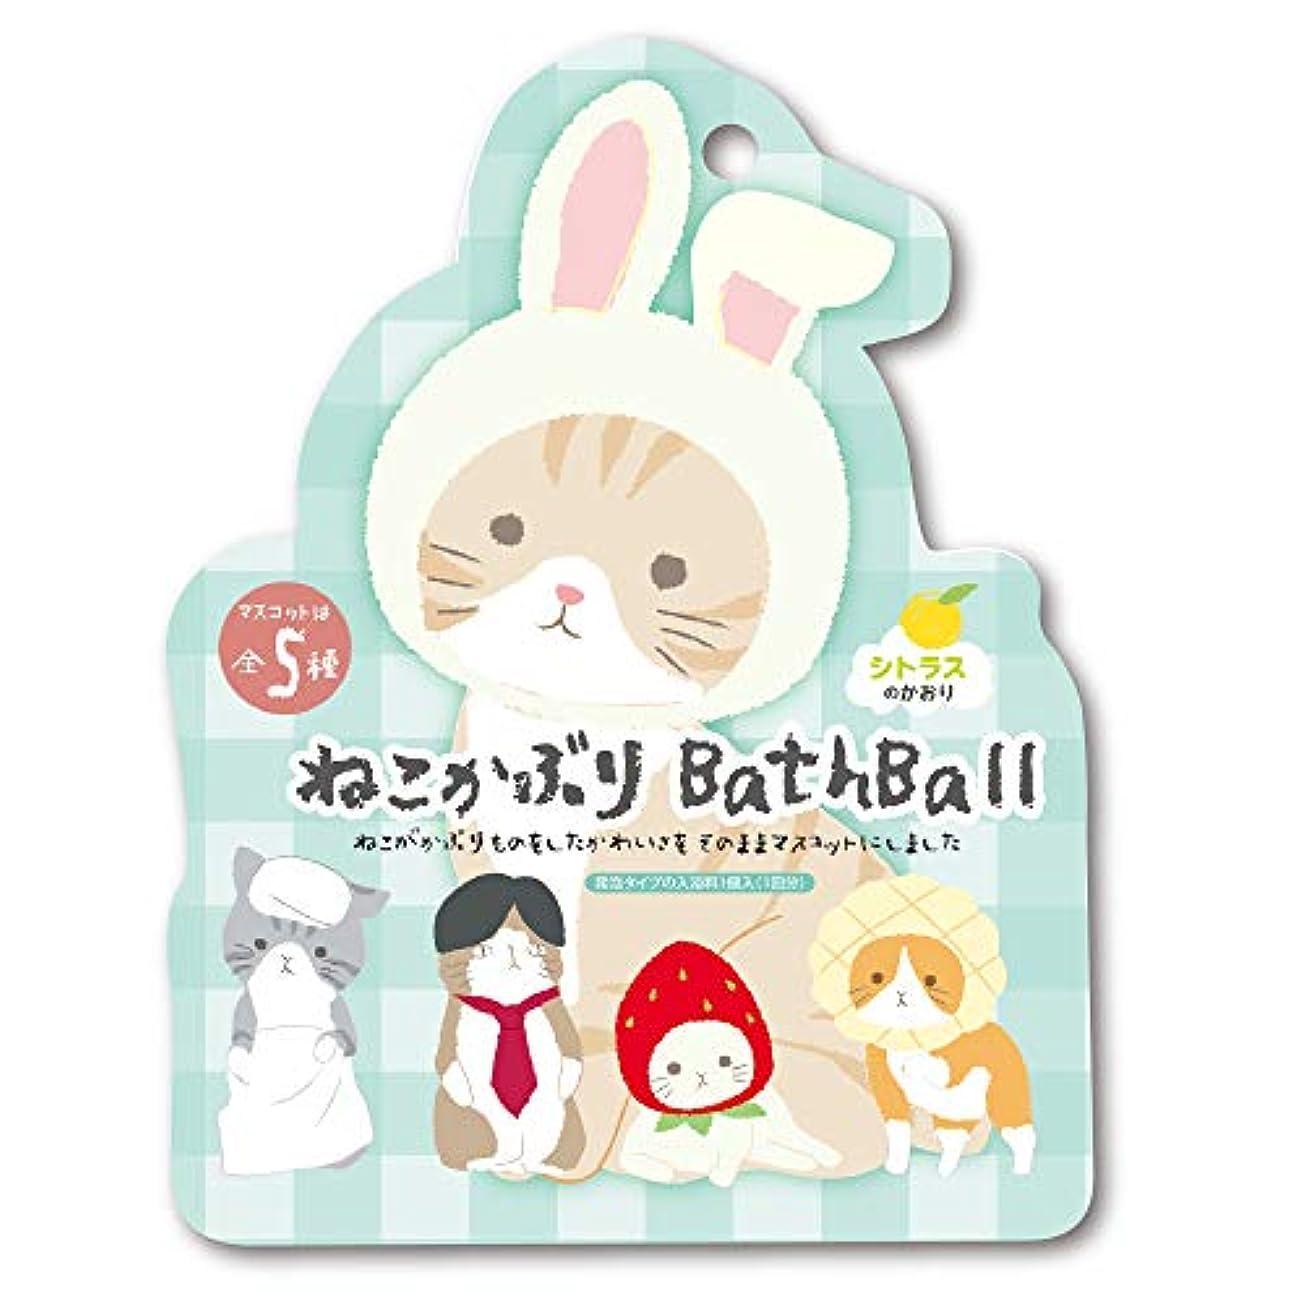 ねこかぶり 入浴剤 バスボール おまけ付き シトラスの香り 50g OB-NEB-3-1